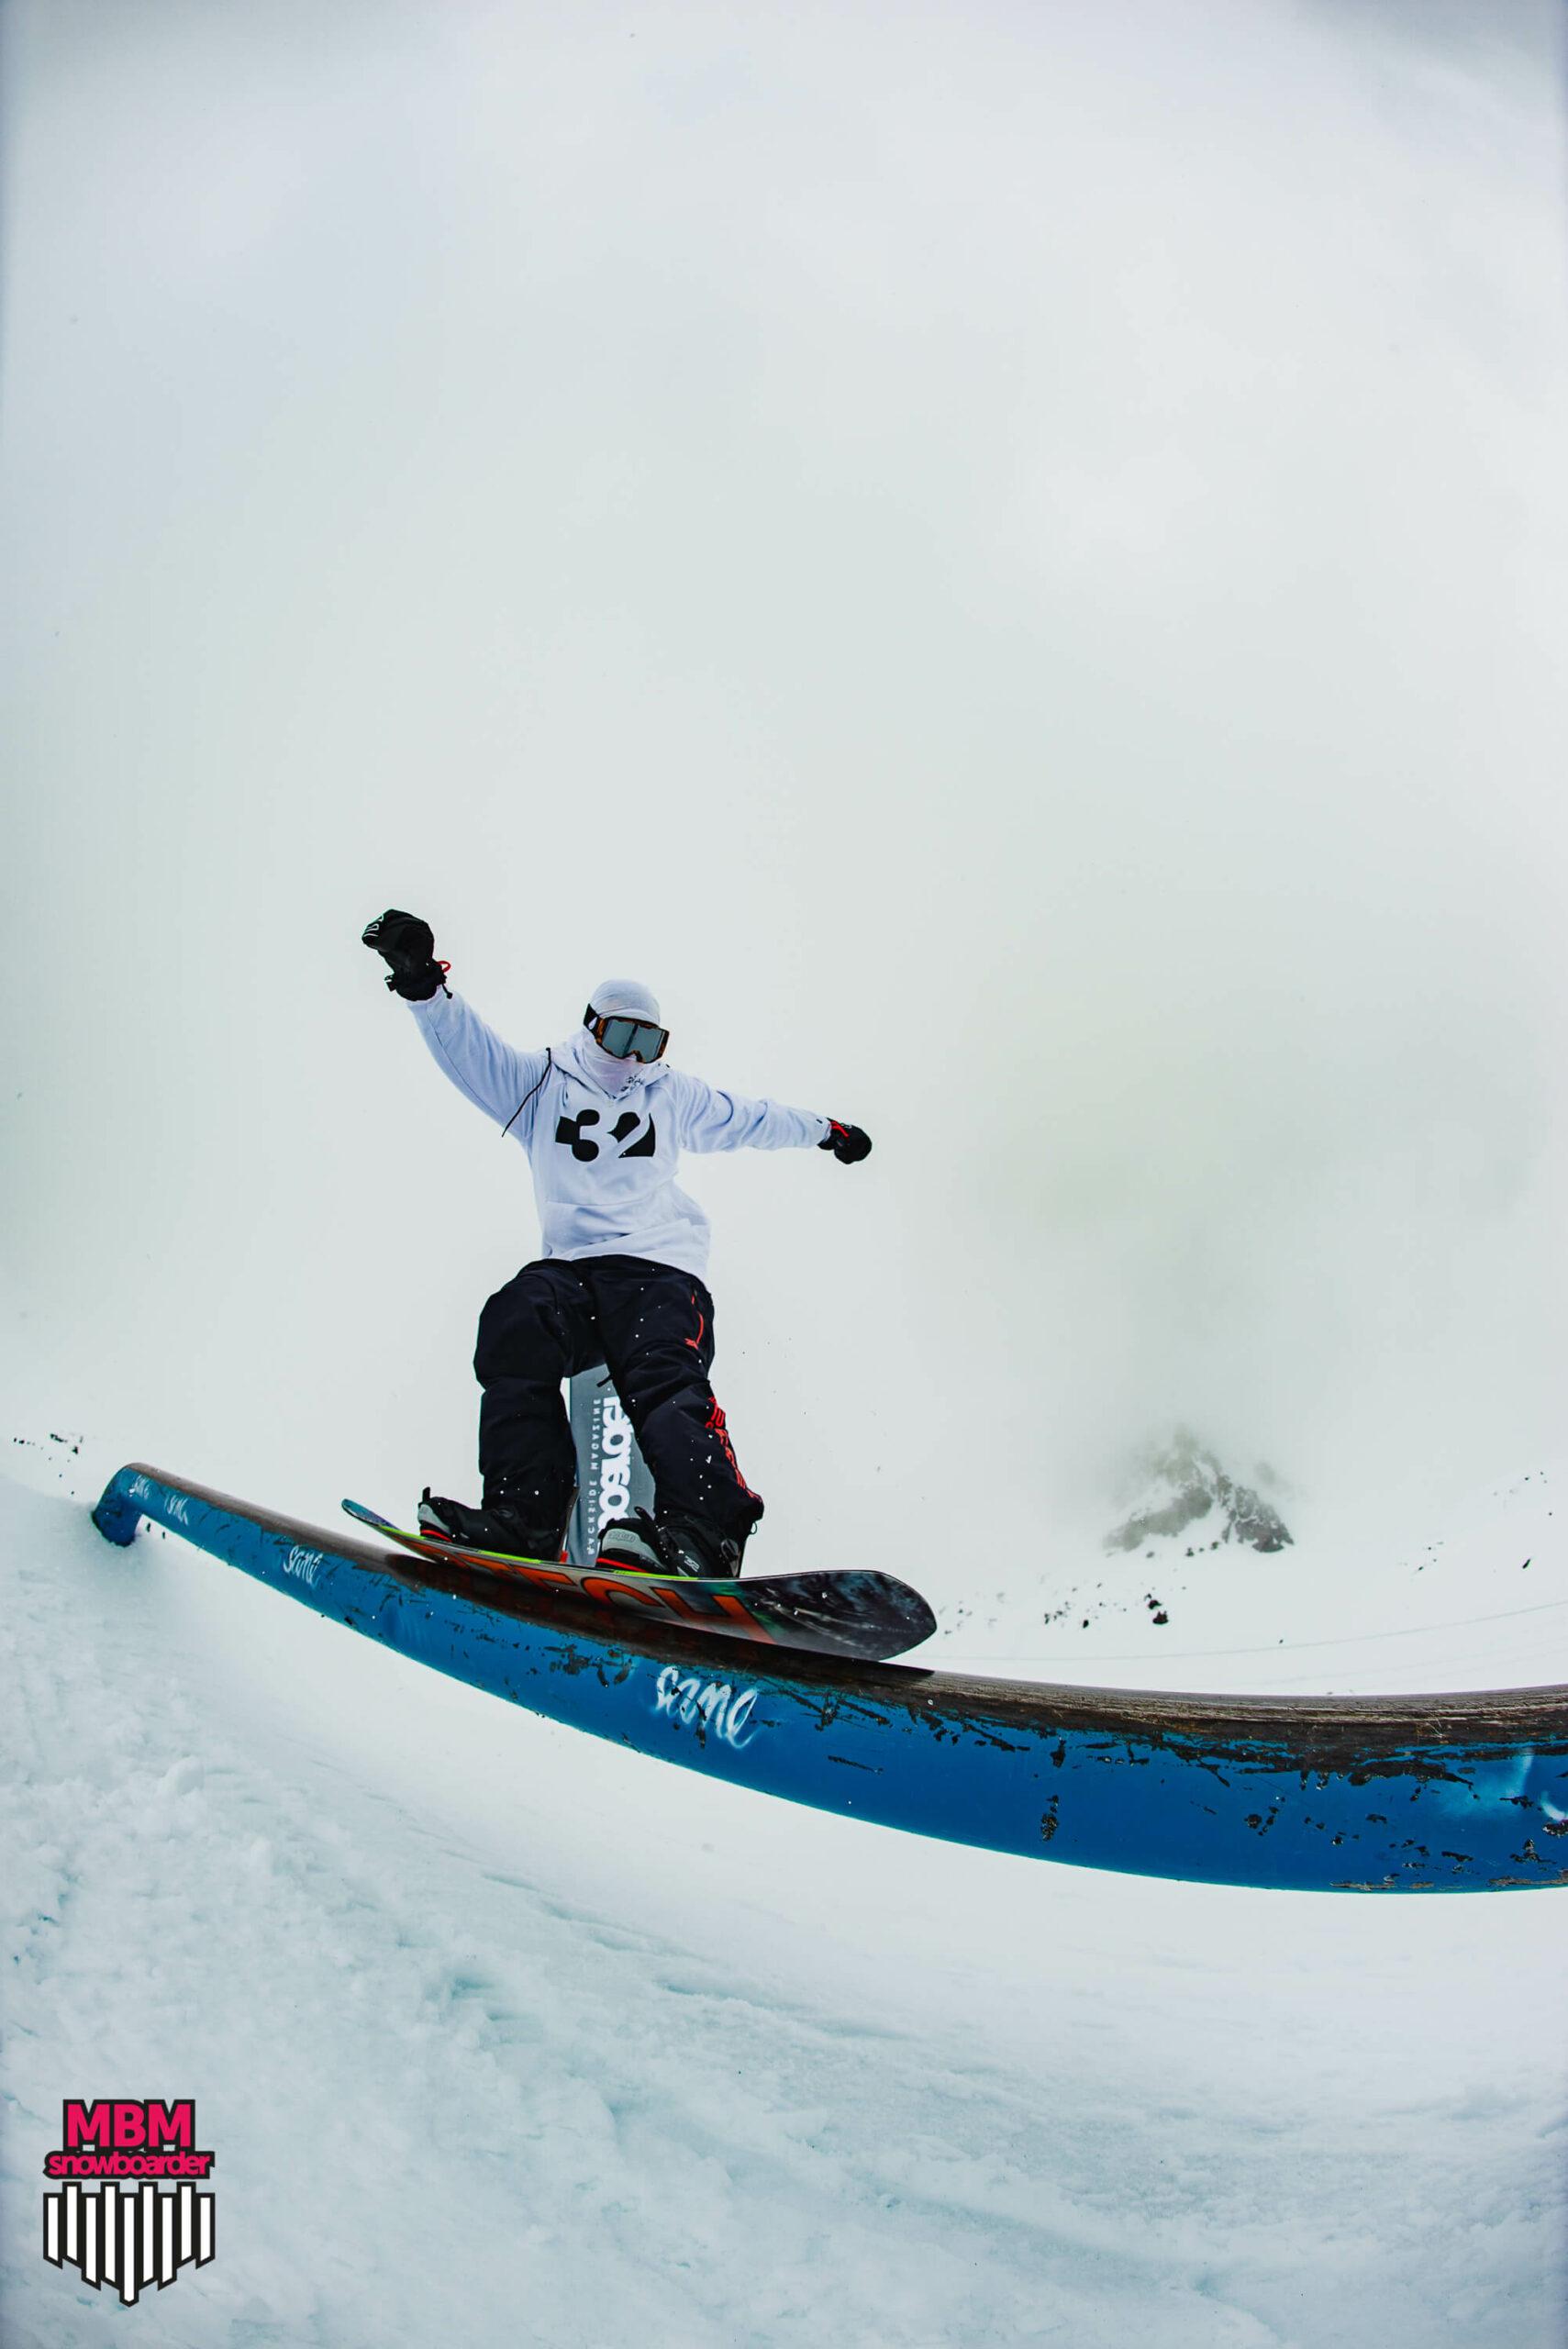 snowboarderMBM_sd_kaunertal_087